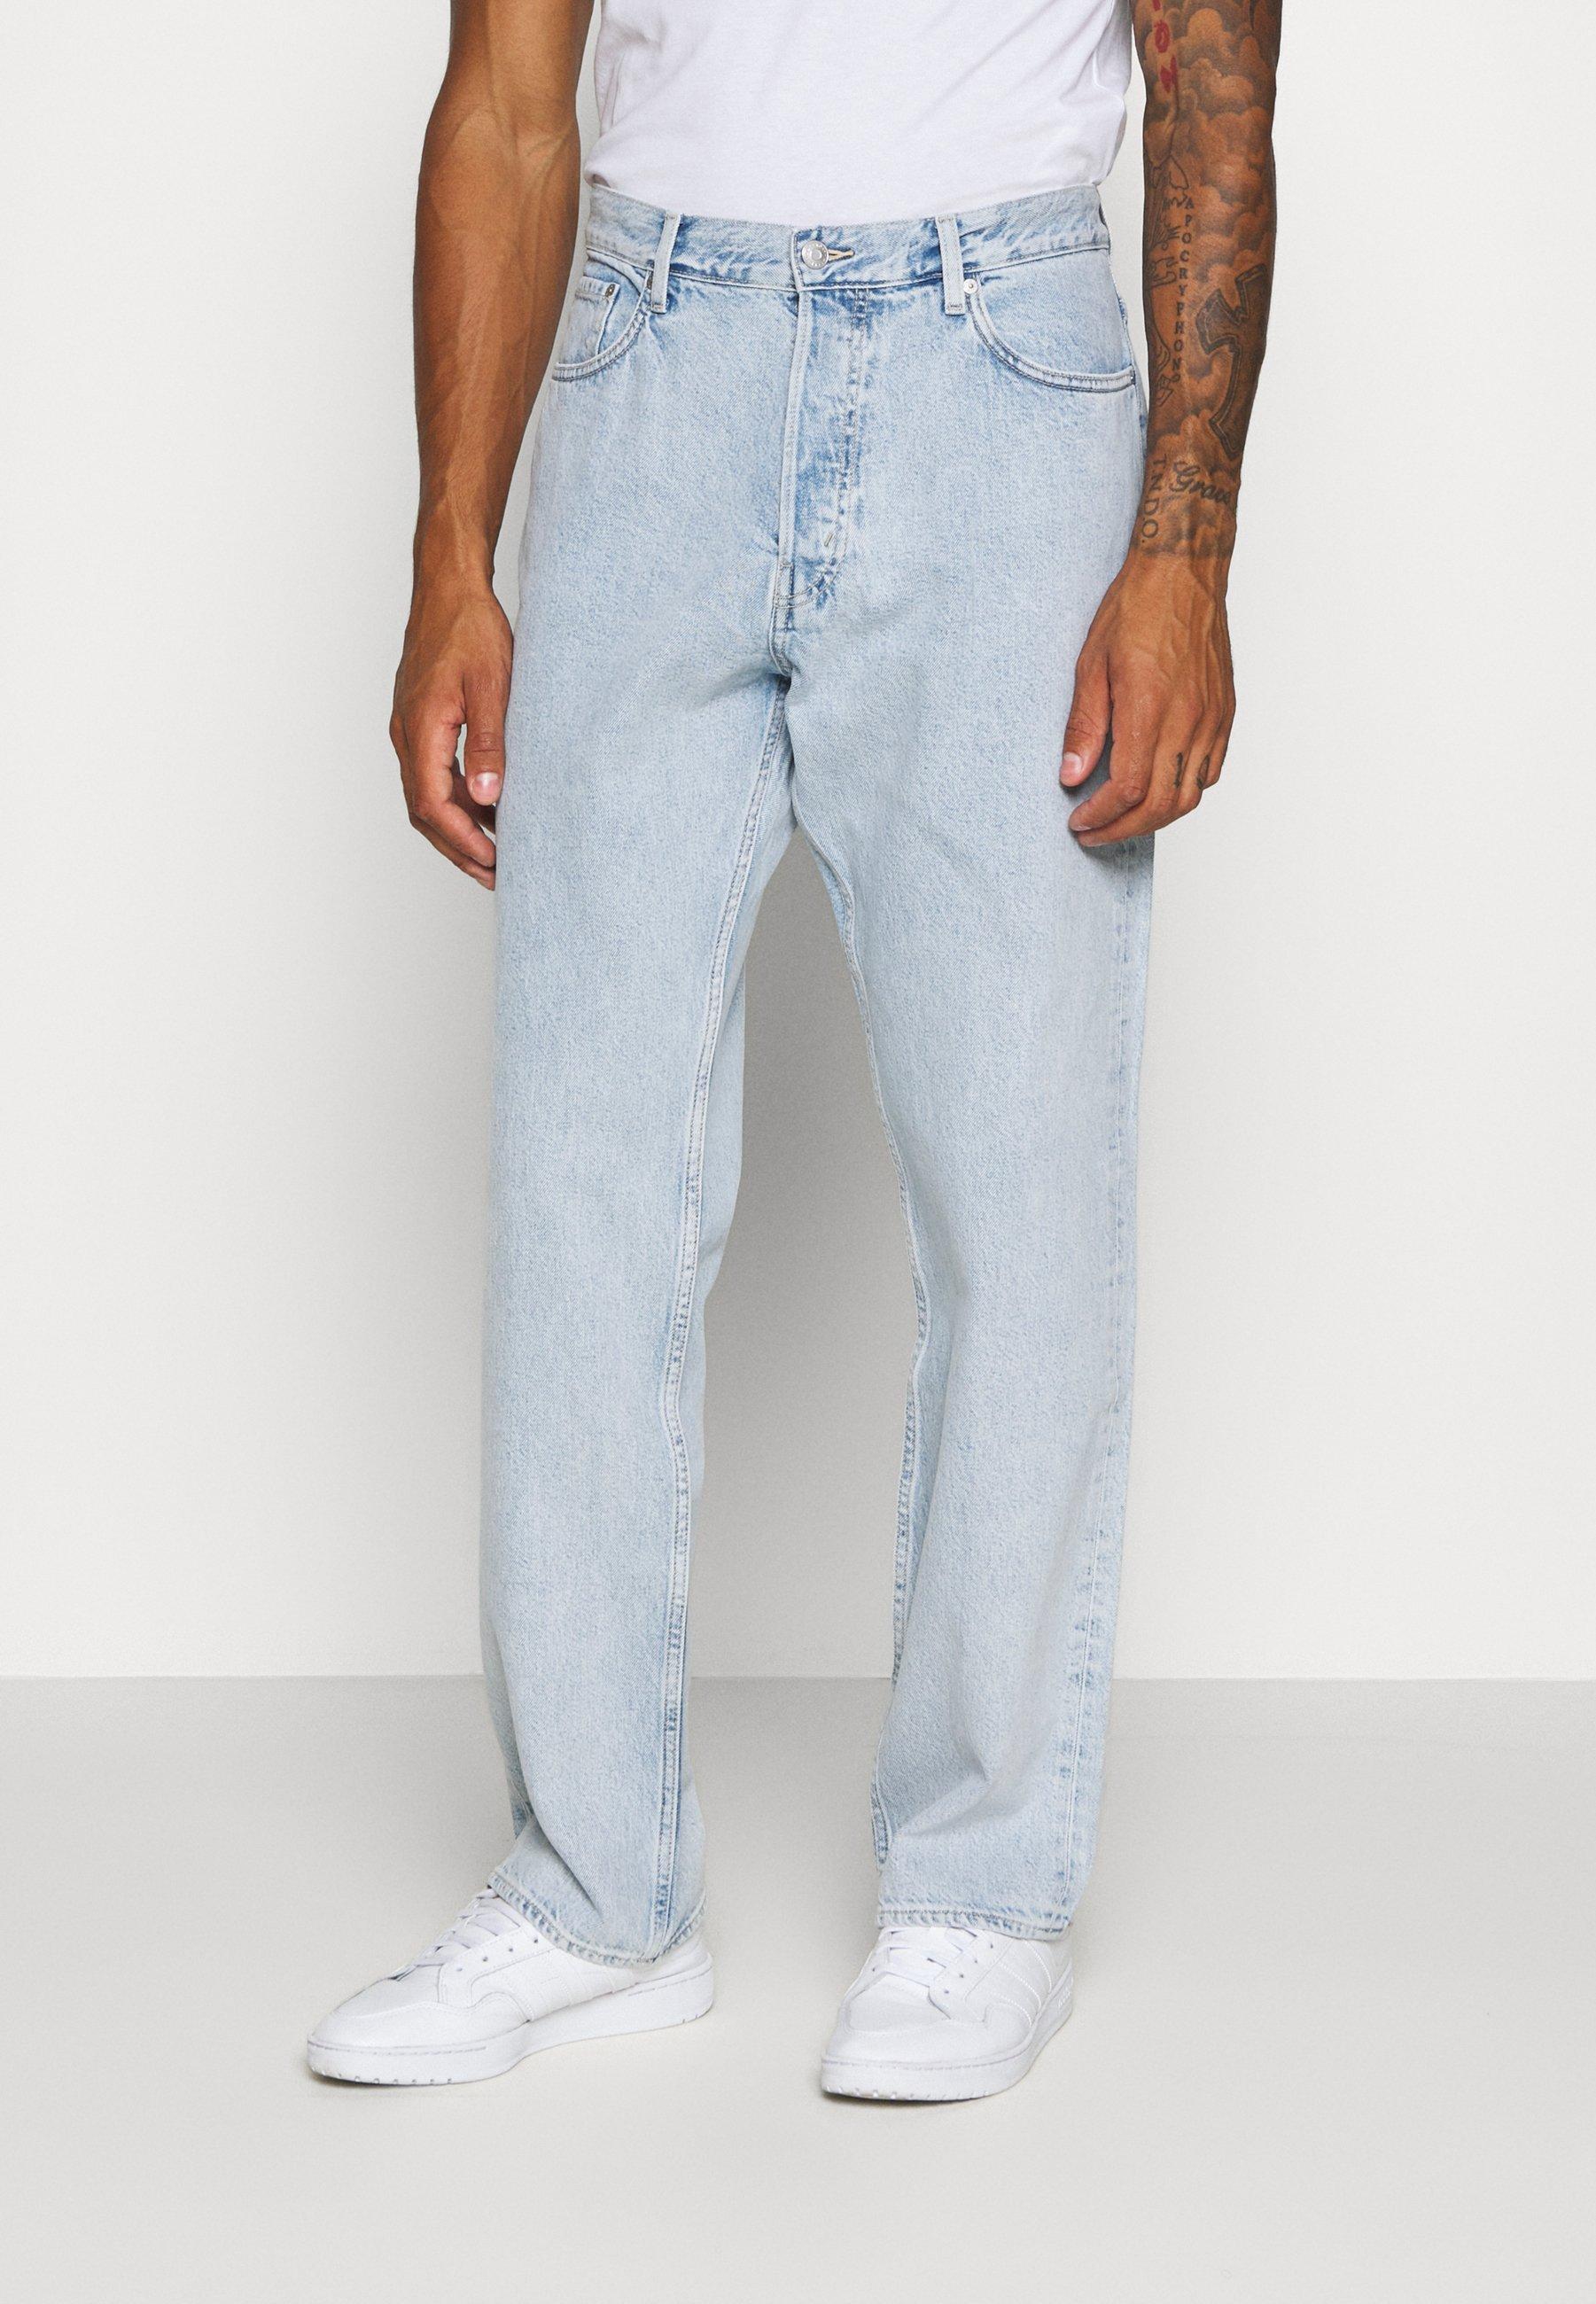 Super Erikoistarjoukset Miesten vaatteet Sarja dfKJIUp97454sfGHYHD Weekday SPACE COLD BLUE Straight leg -farkut blue